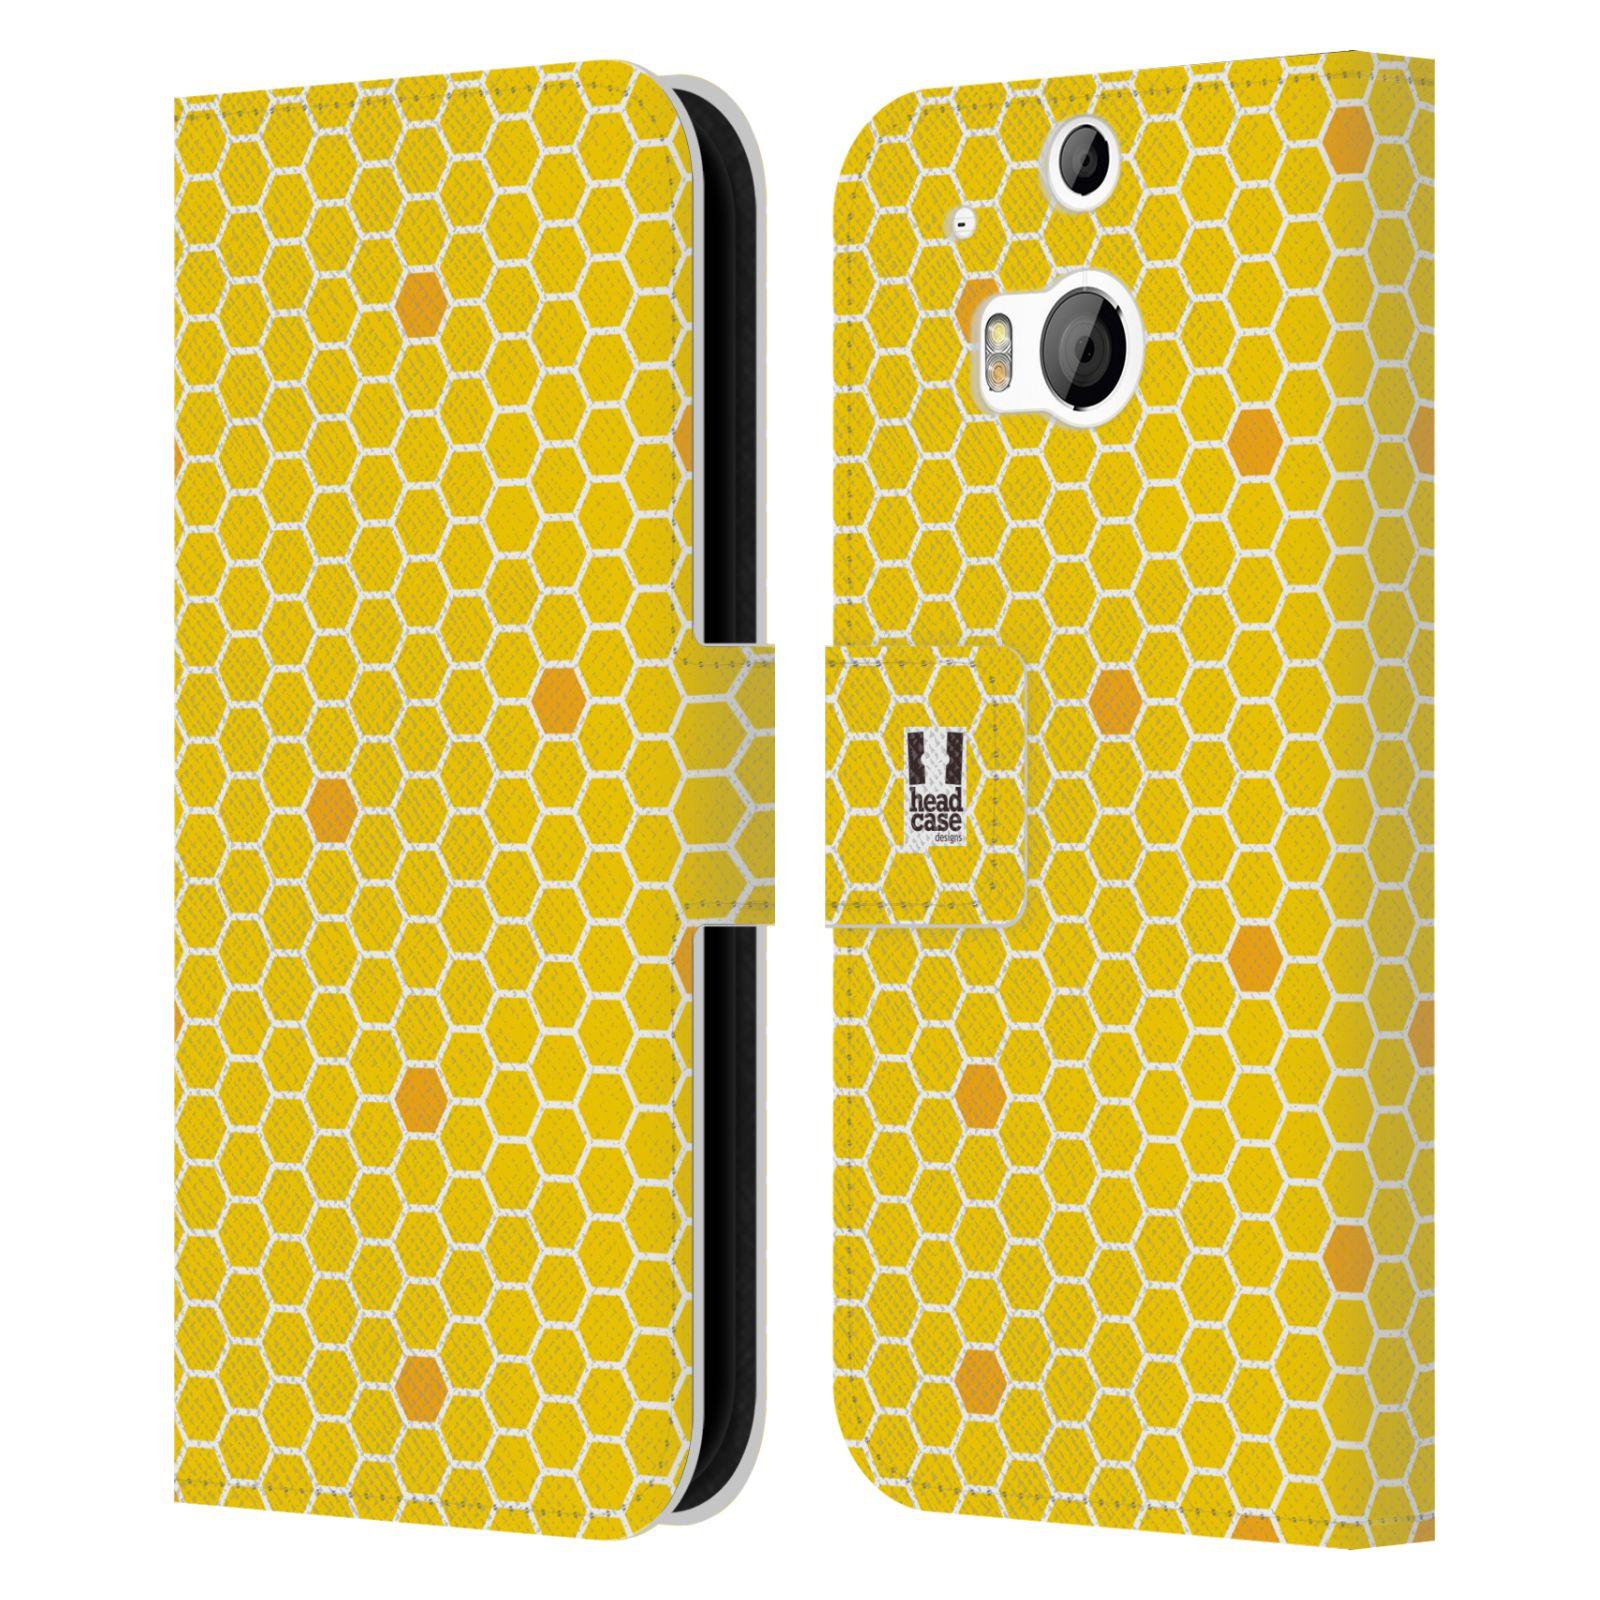 HEAD CASE Flipové pouzdro pro mobil HTC ONE (M8, M8s) VČELÍ VZOR plástev žlutá